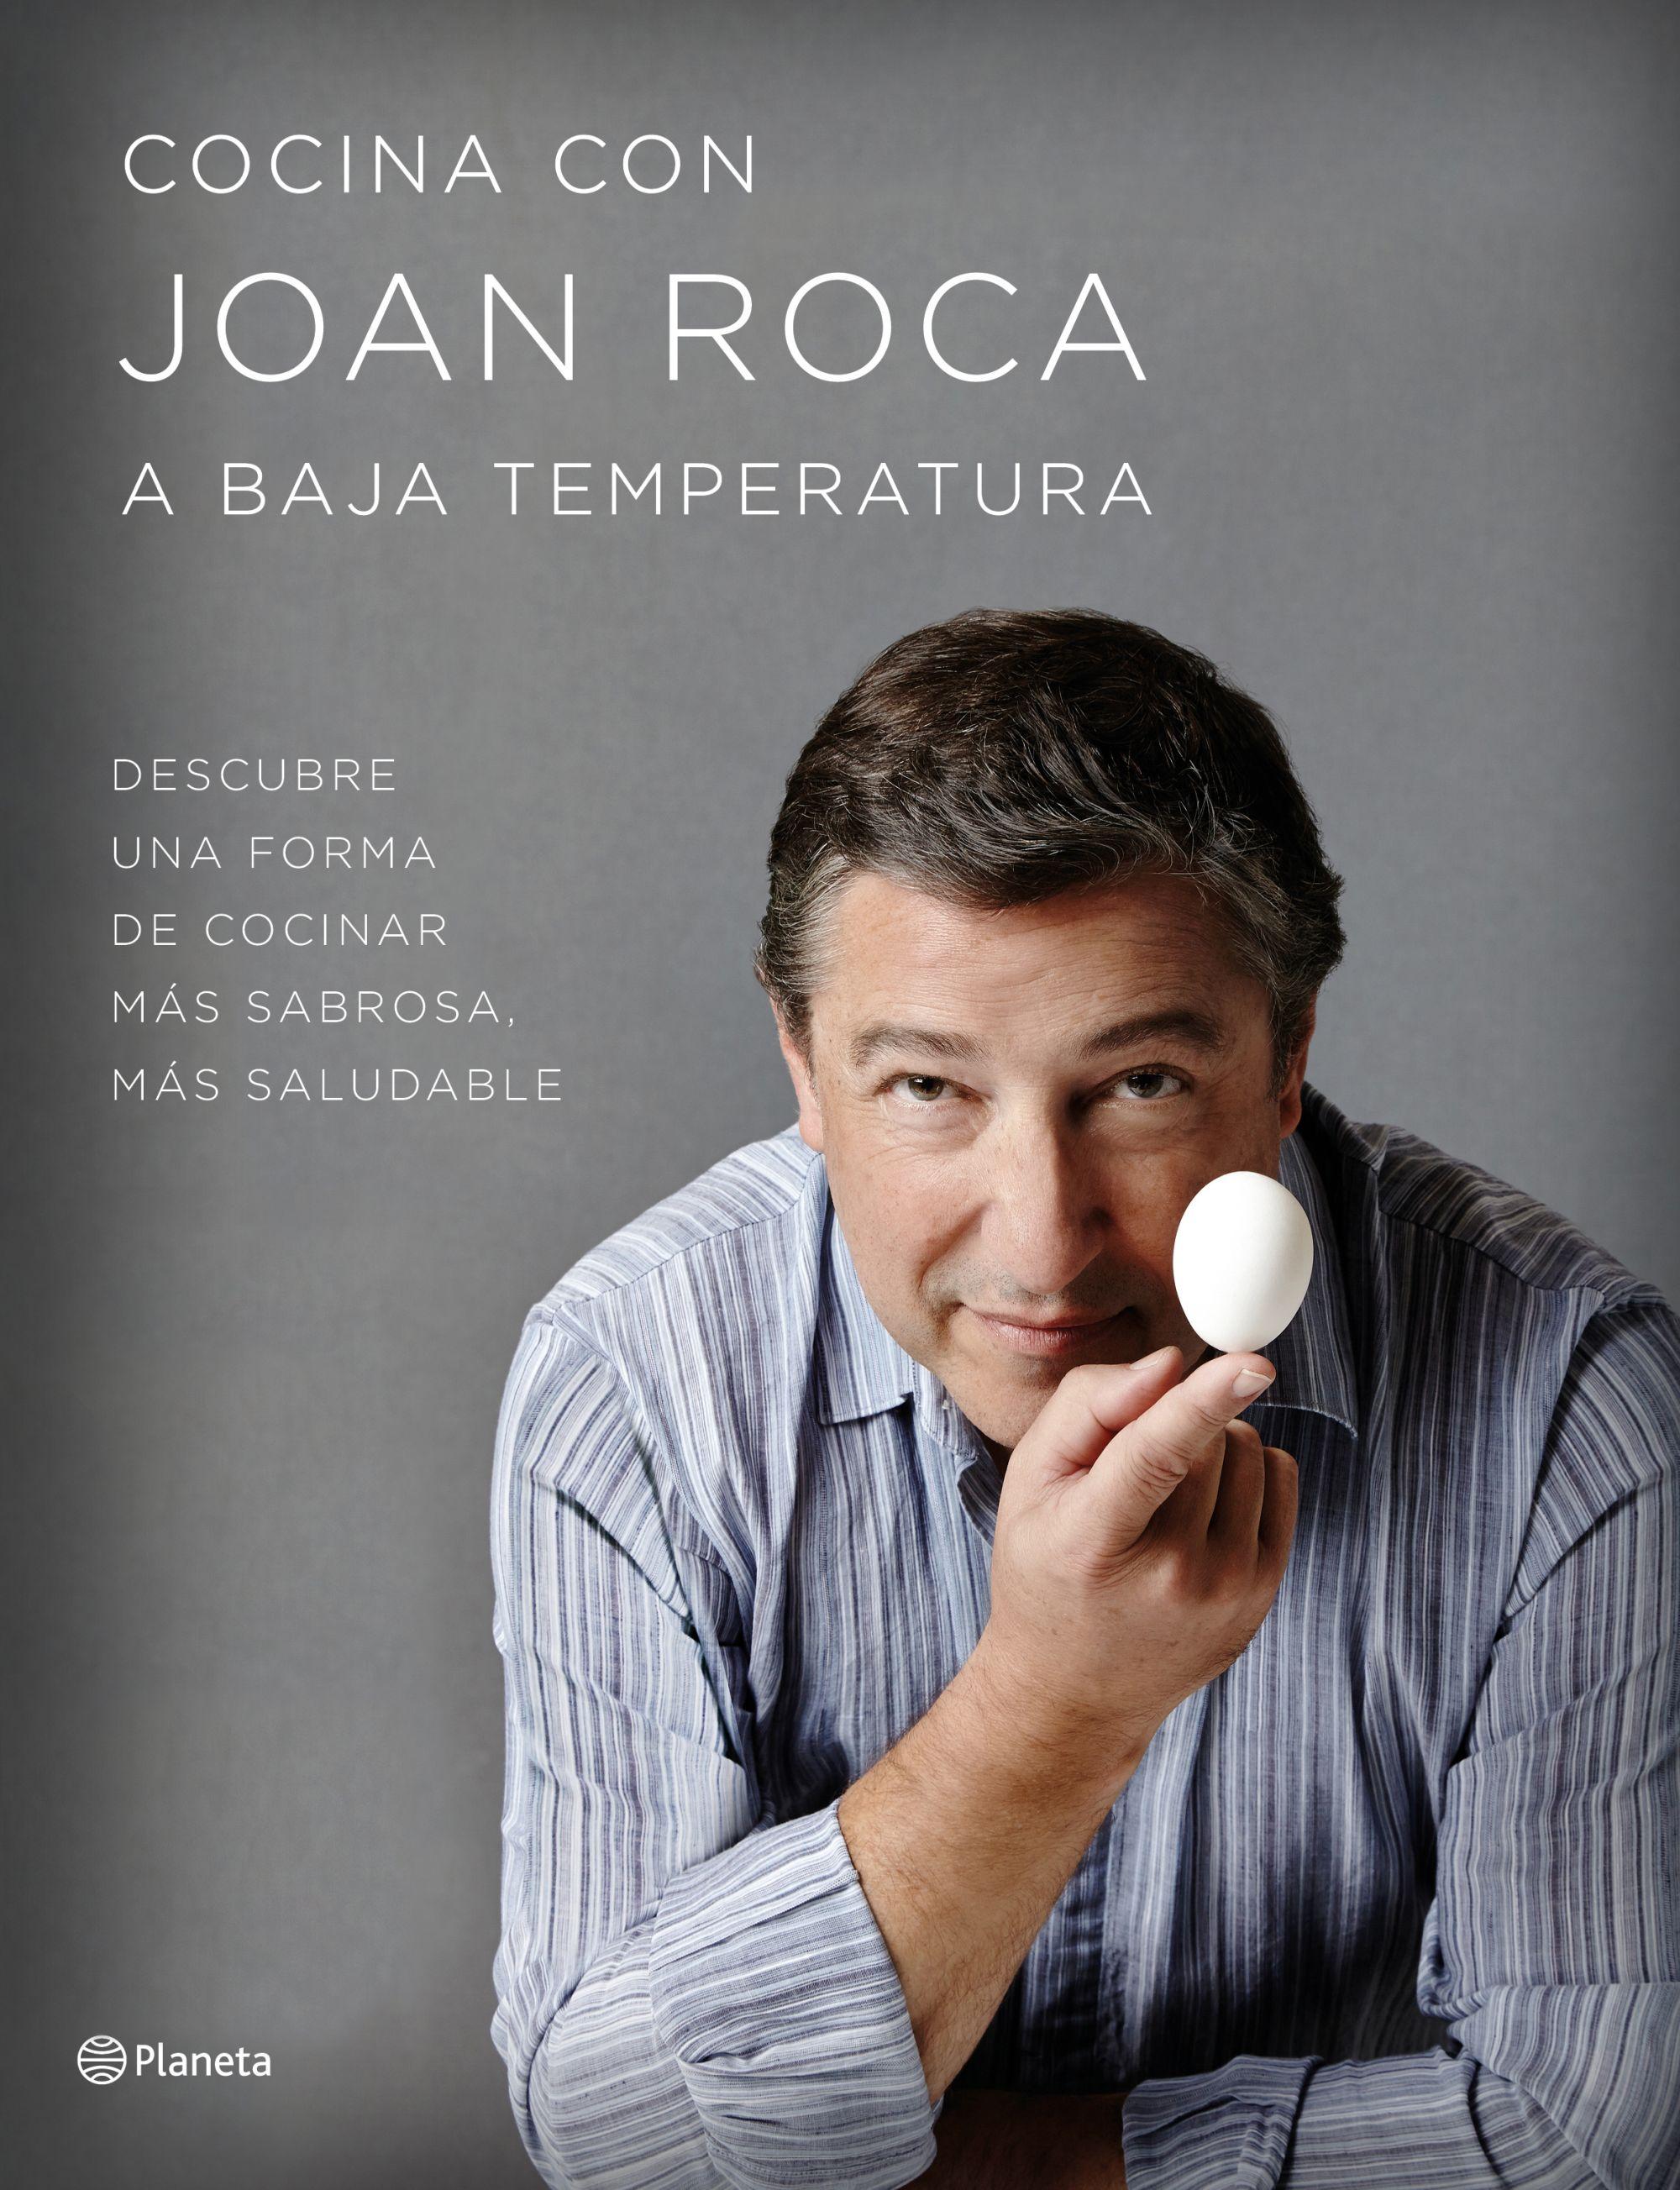 Diez libros para leer en agosto salsa de chiles - Cocina con joan roca ...